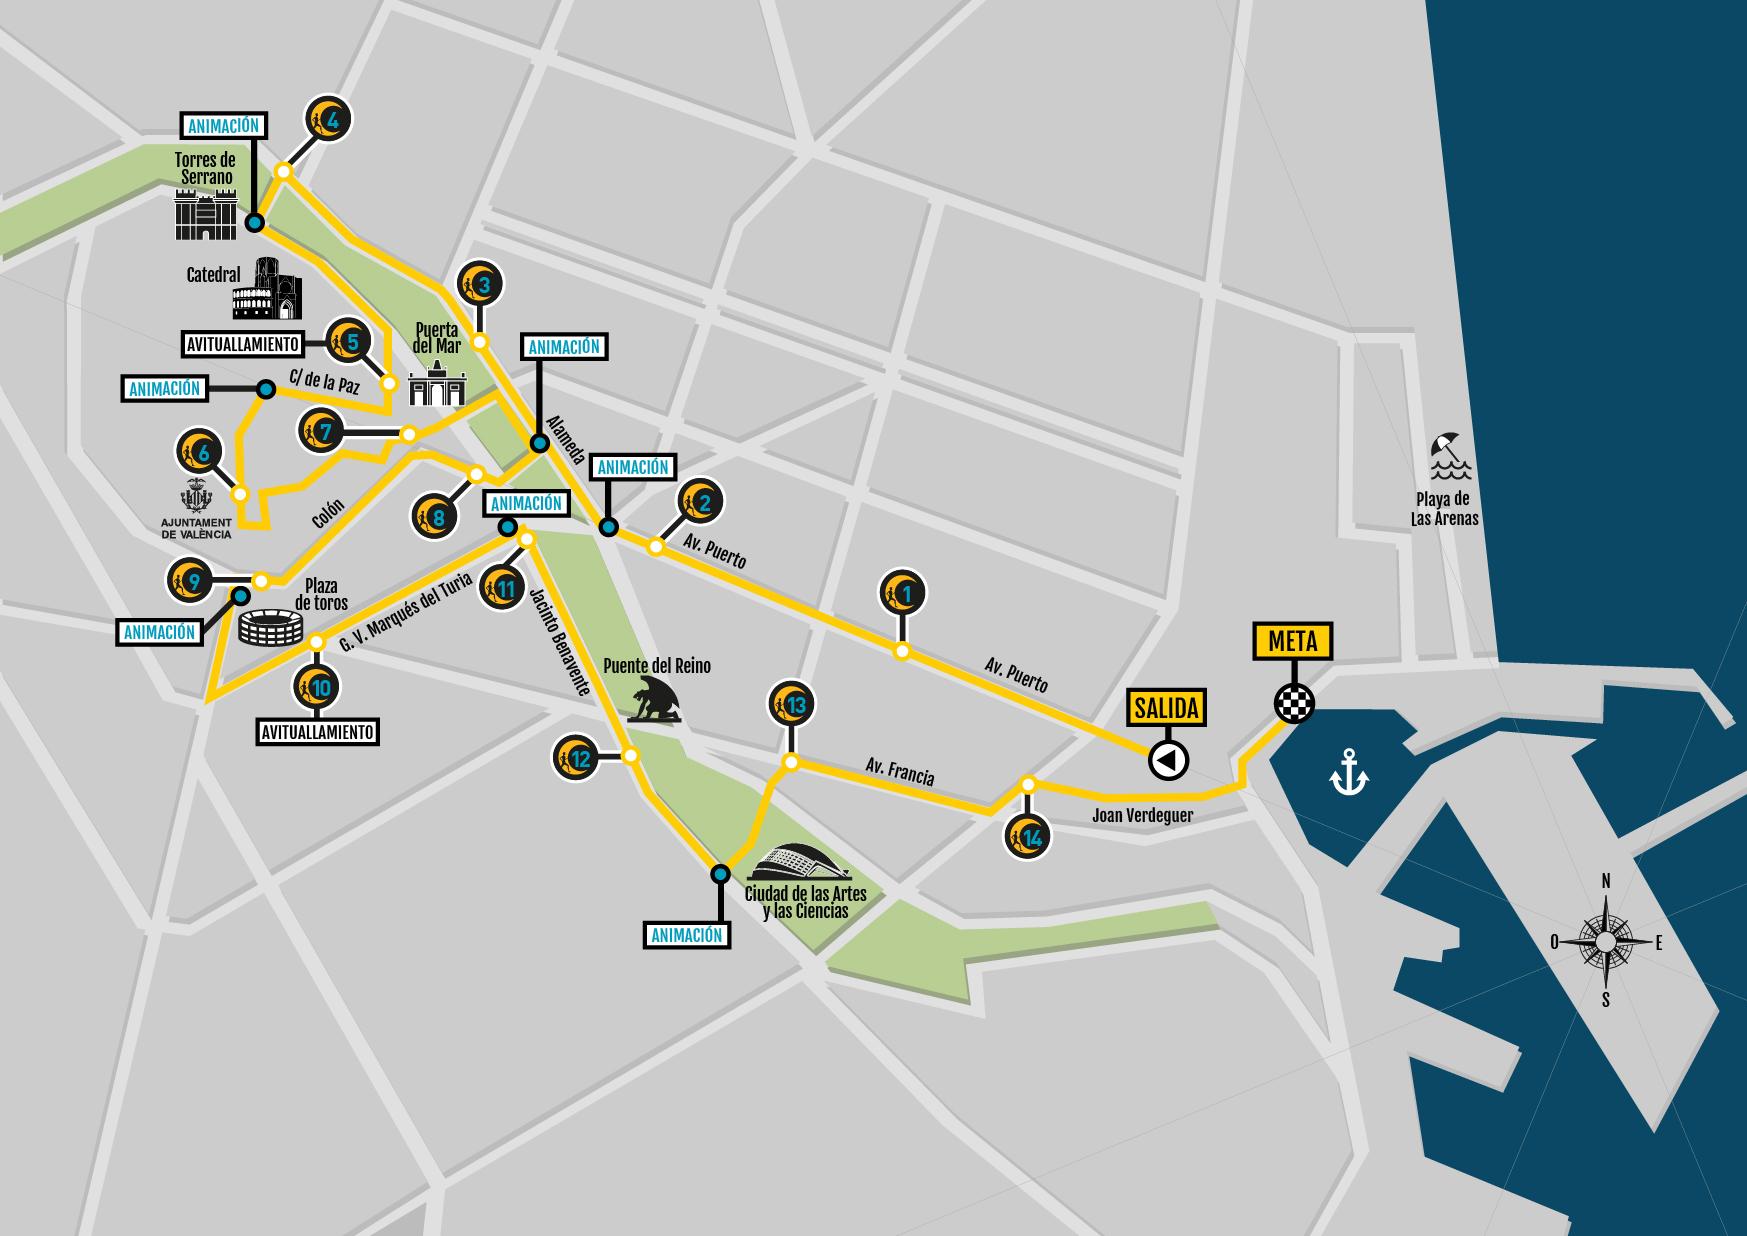 Circuito Urbano Valencia : Un circuito urbano y nocturno guiado por la luna de valencia